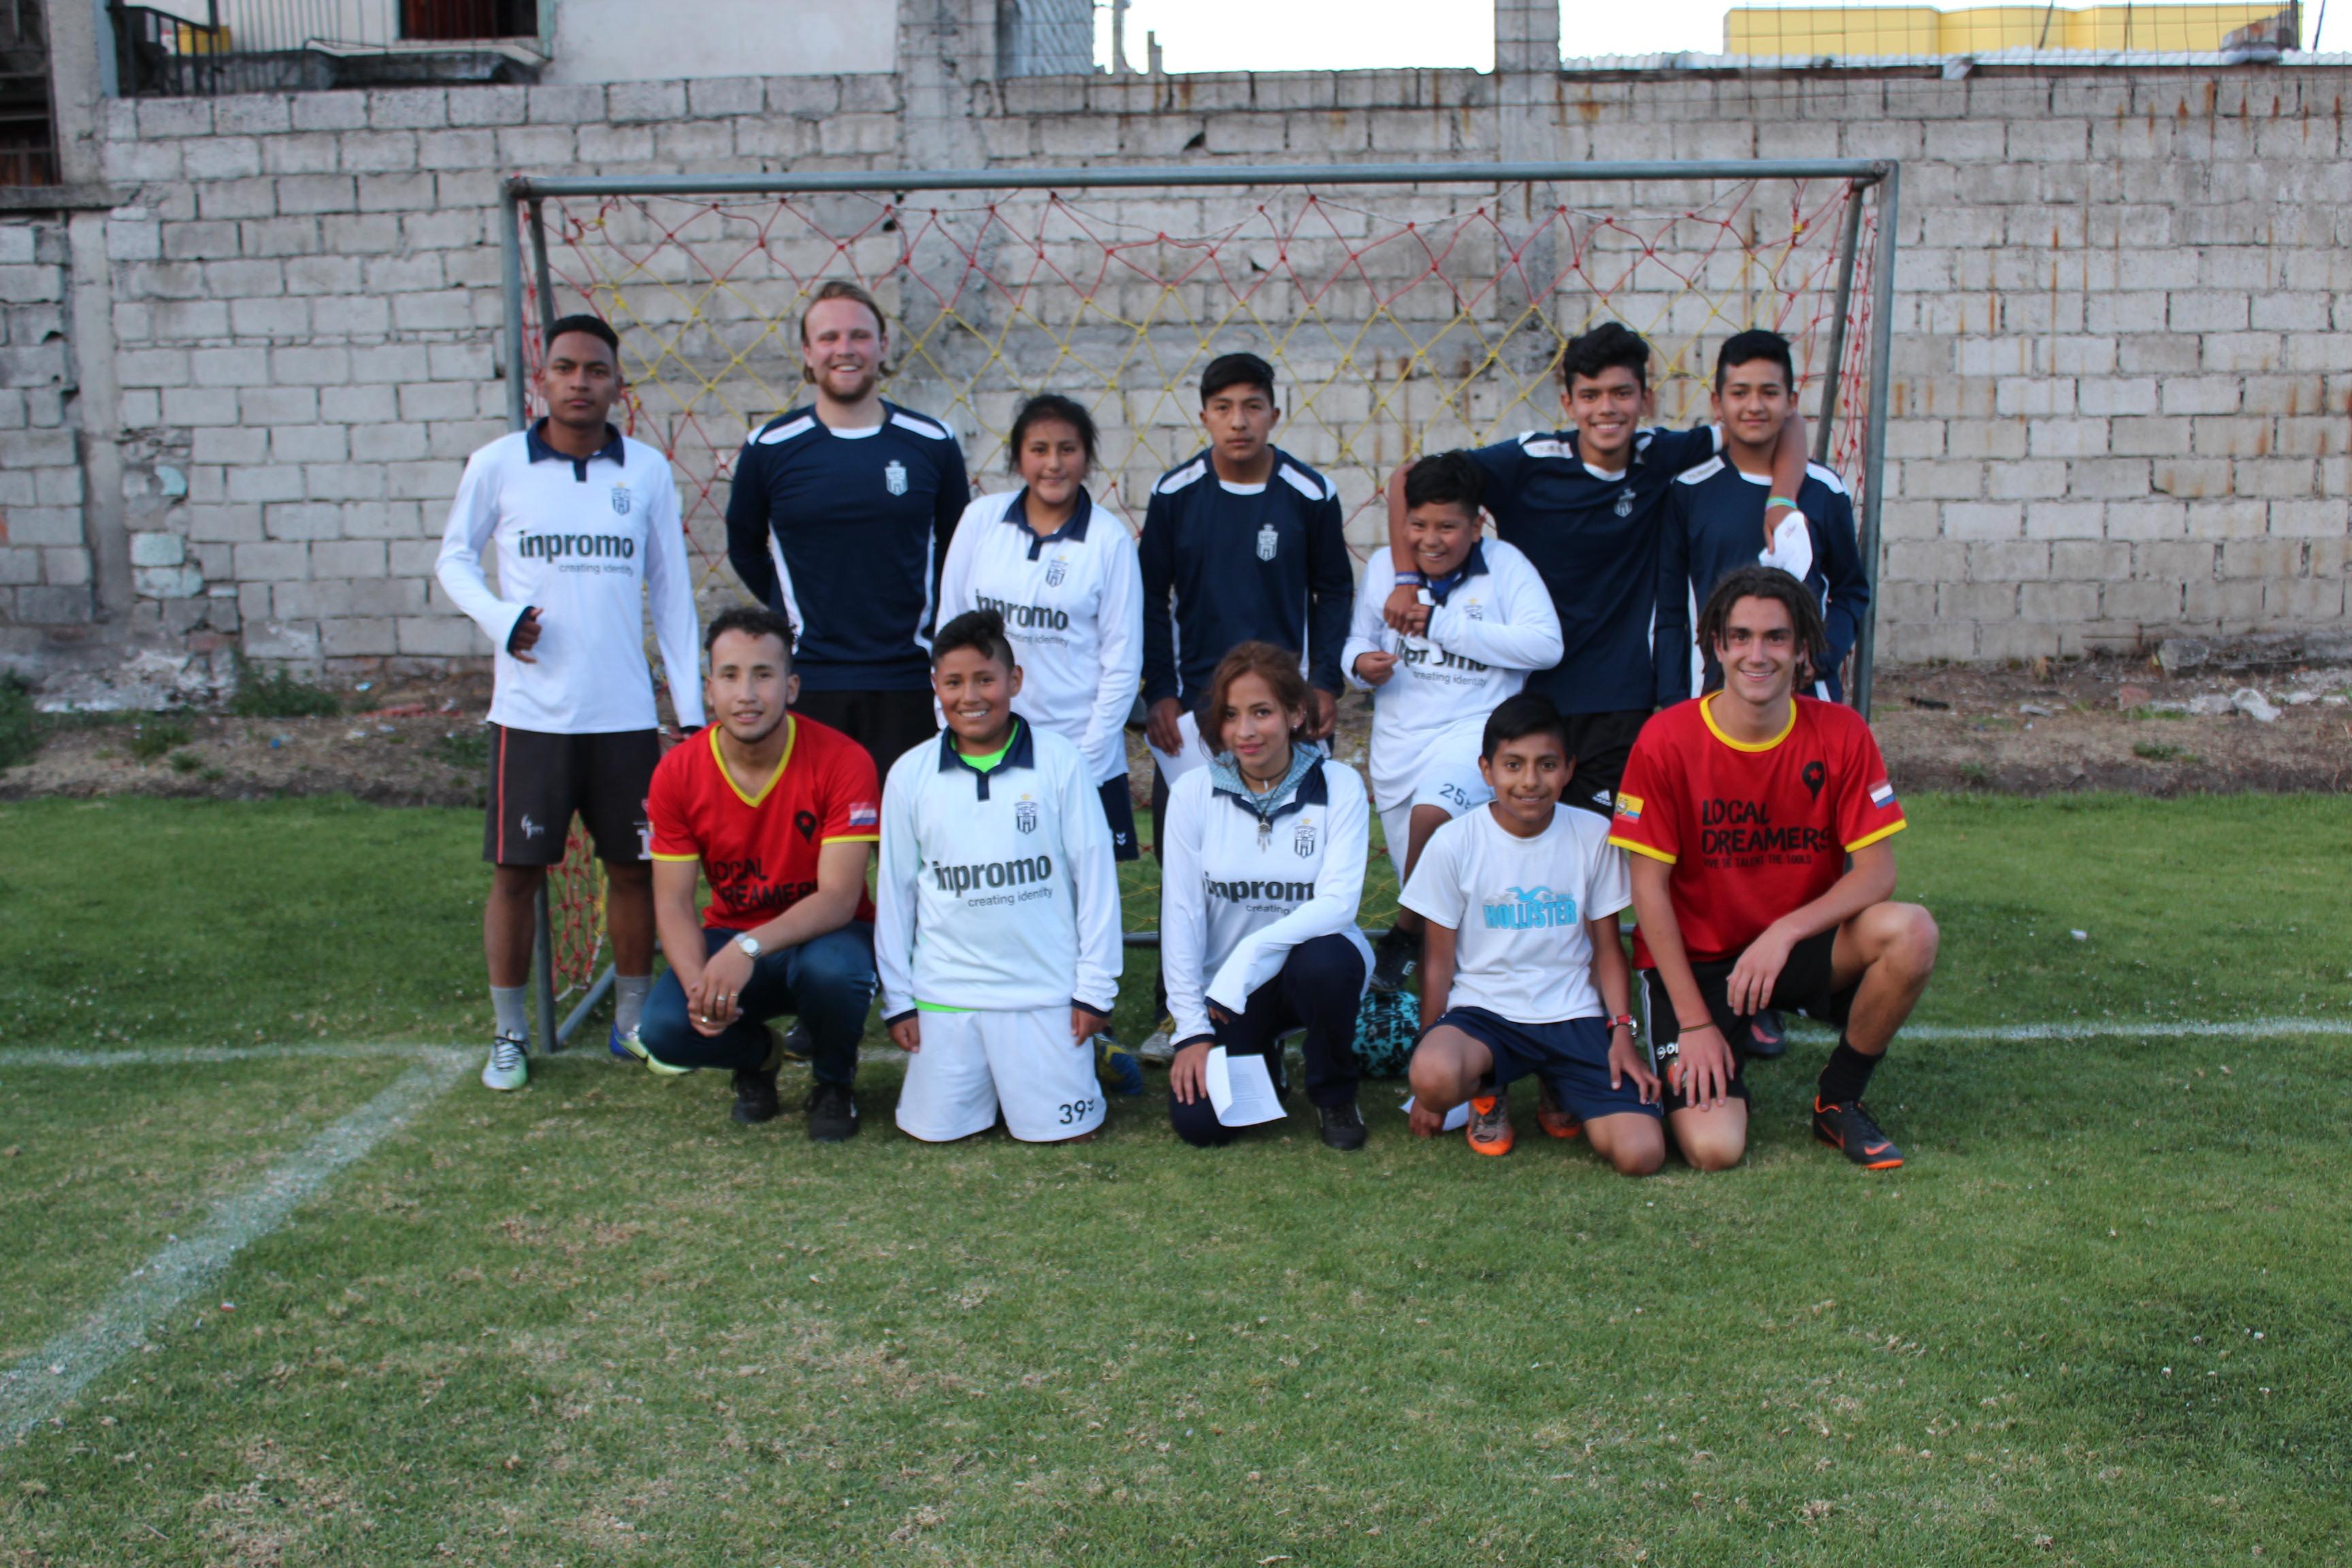 Voetbalclub Koninklijke HFC uit Haarlem doneerde complete tenues aan onze voetbalschool en de kinderen zijn er maar wat blij mee. Omdat de kleding groot uitvalt kan het nog jaren mee :)